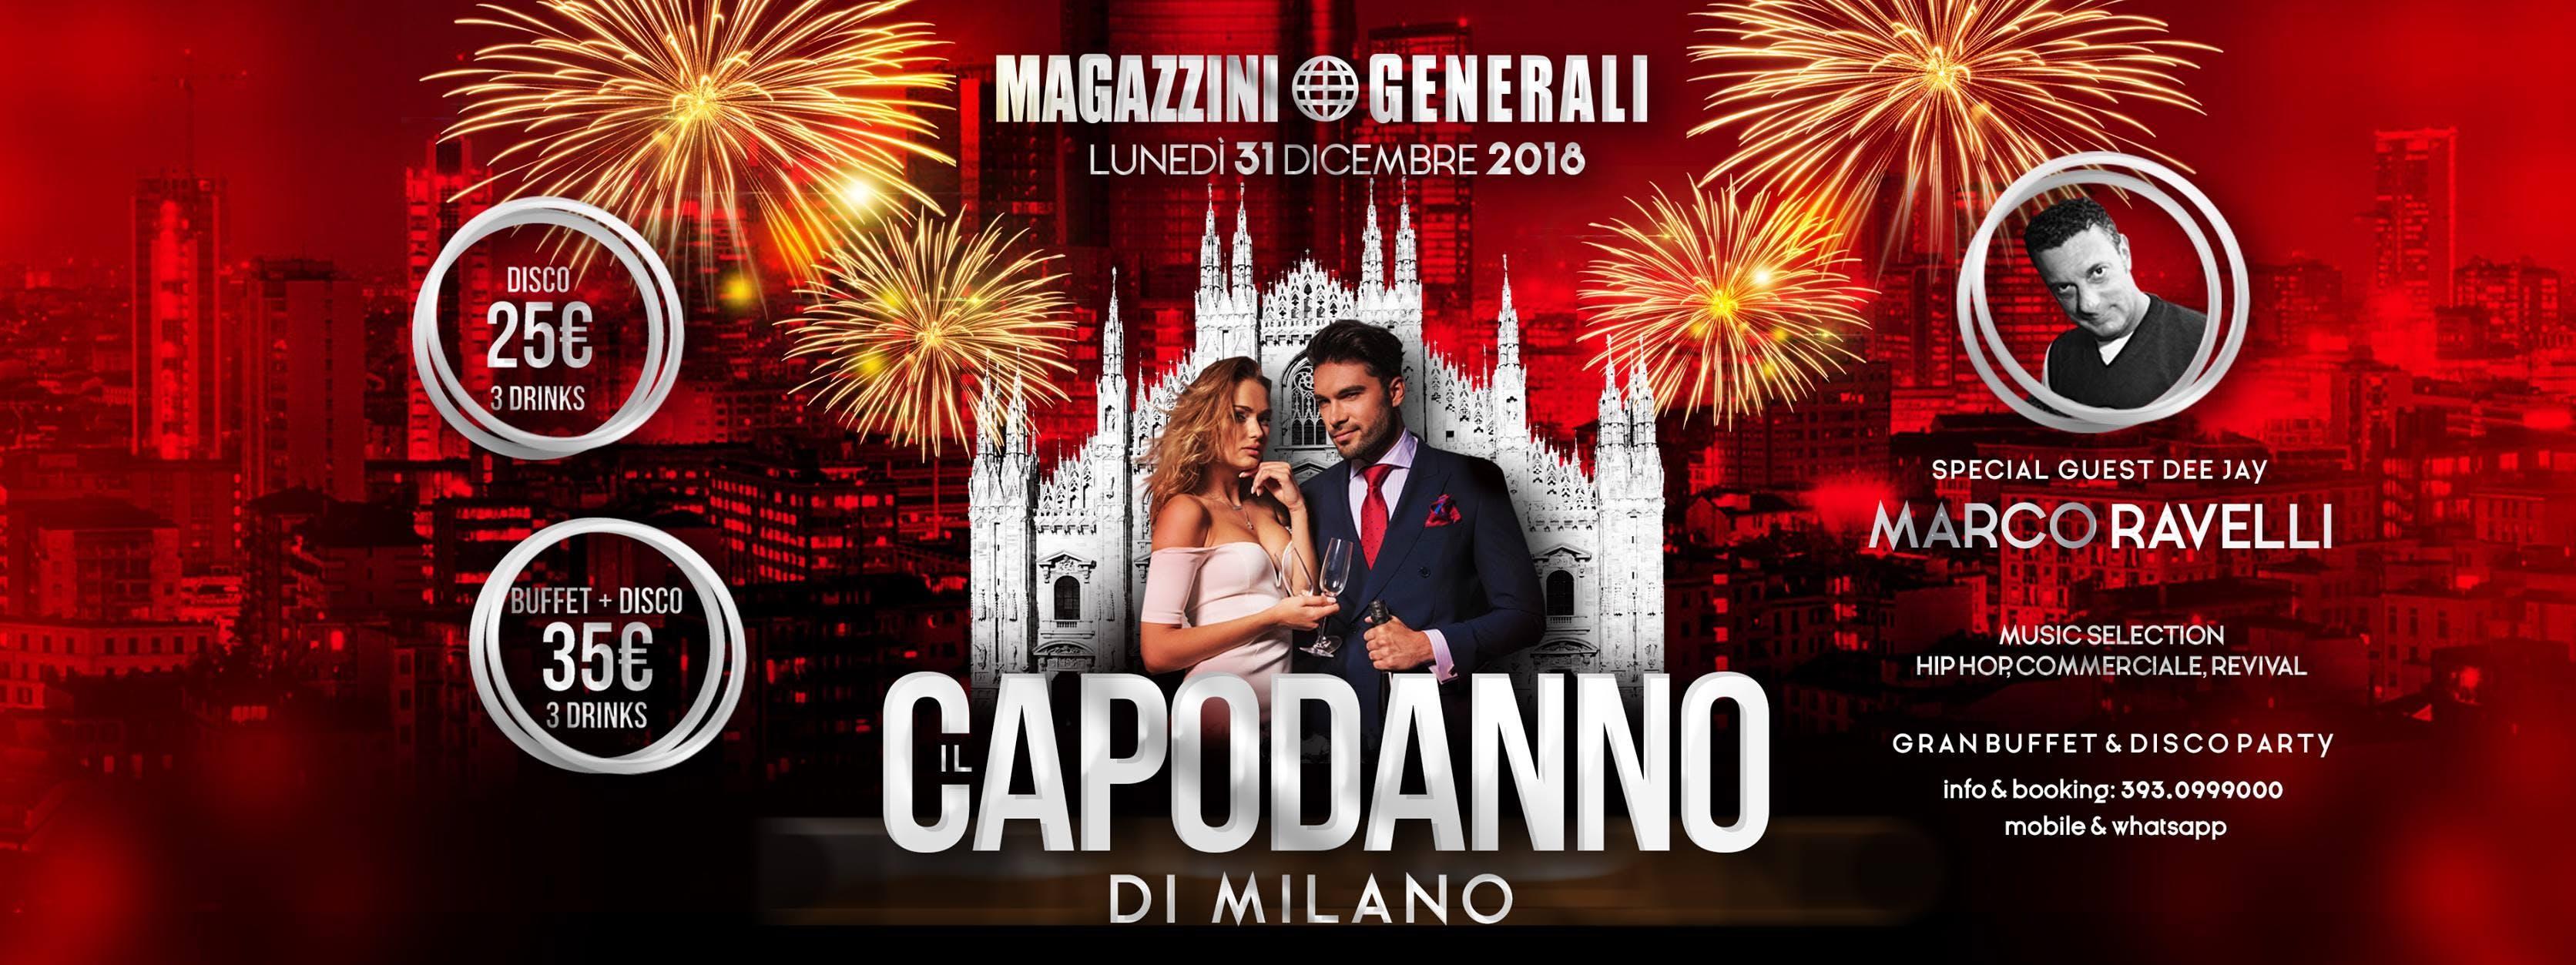 Capodanno 2019 Magazzini Generali